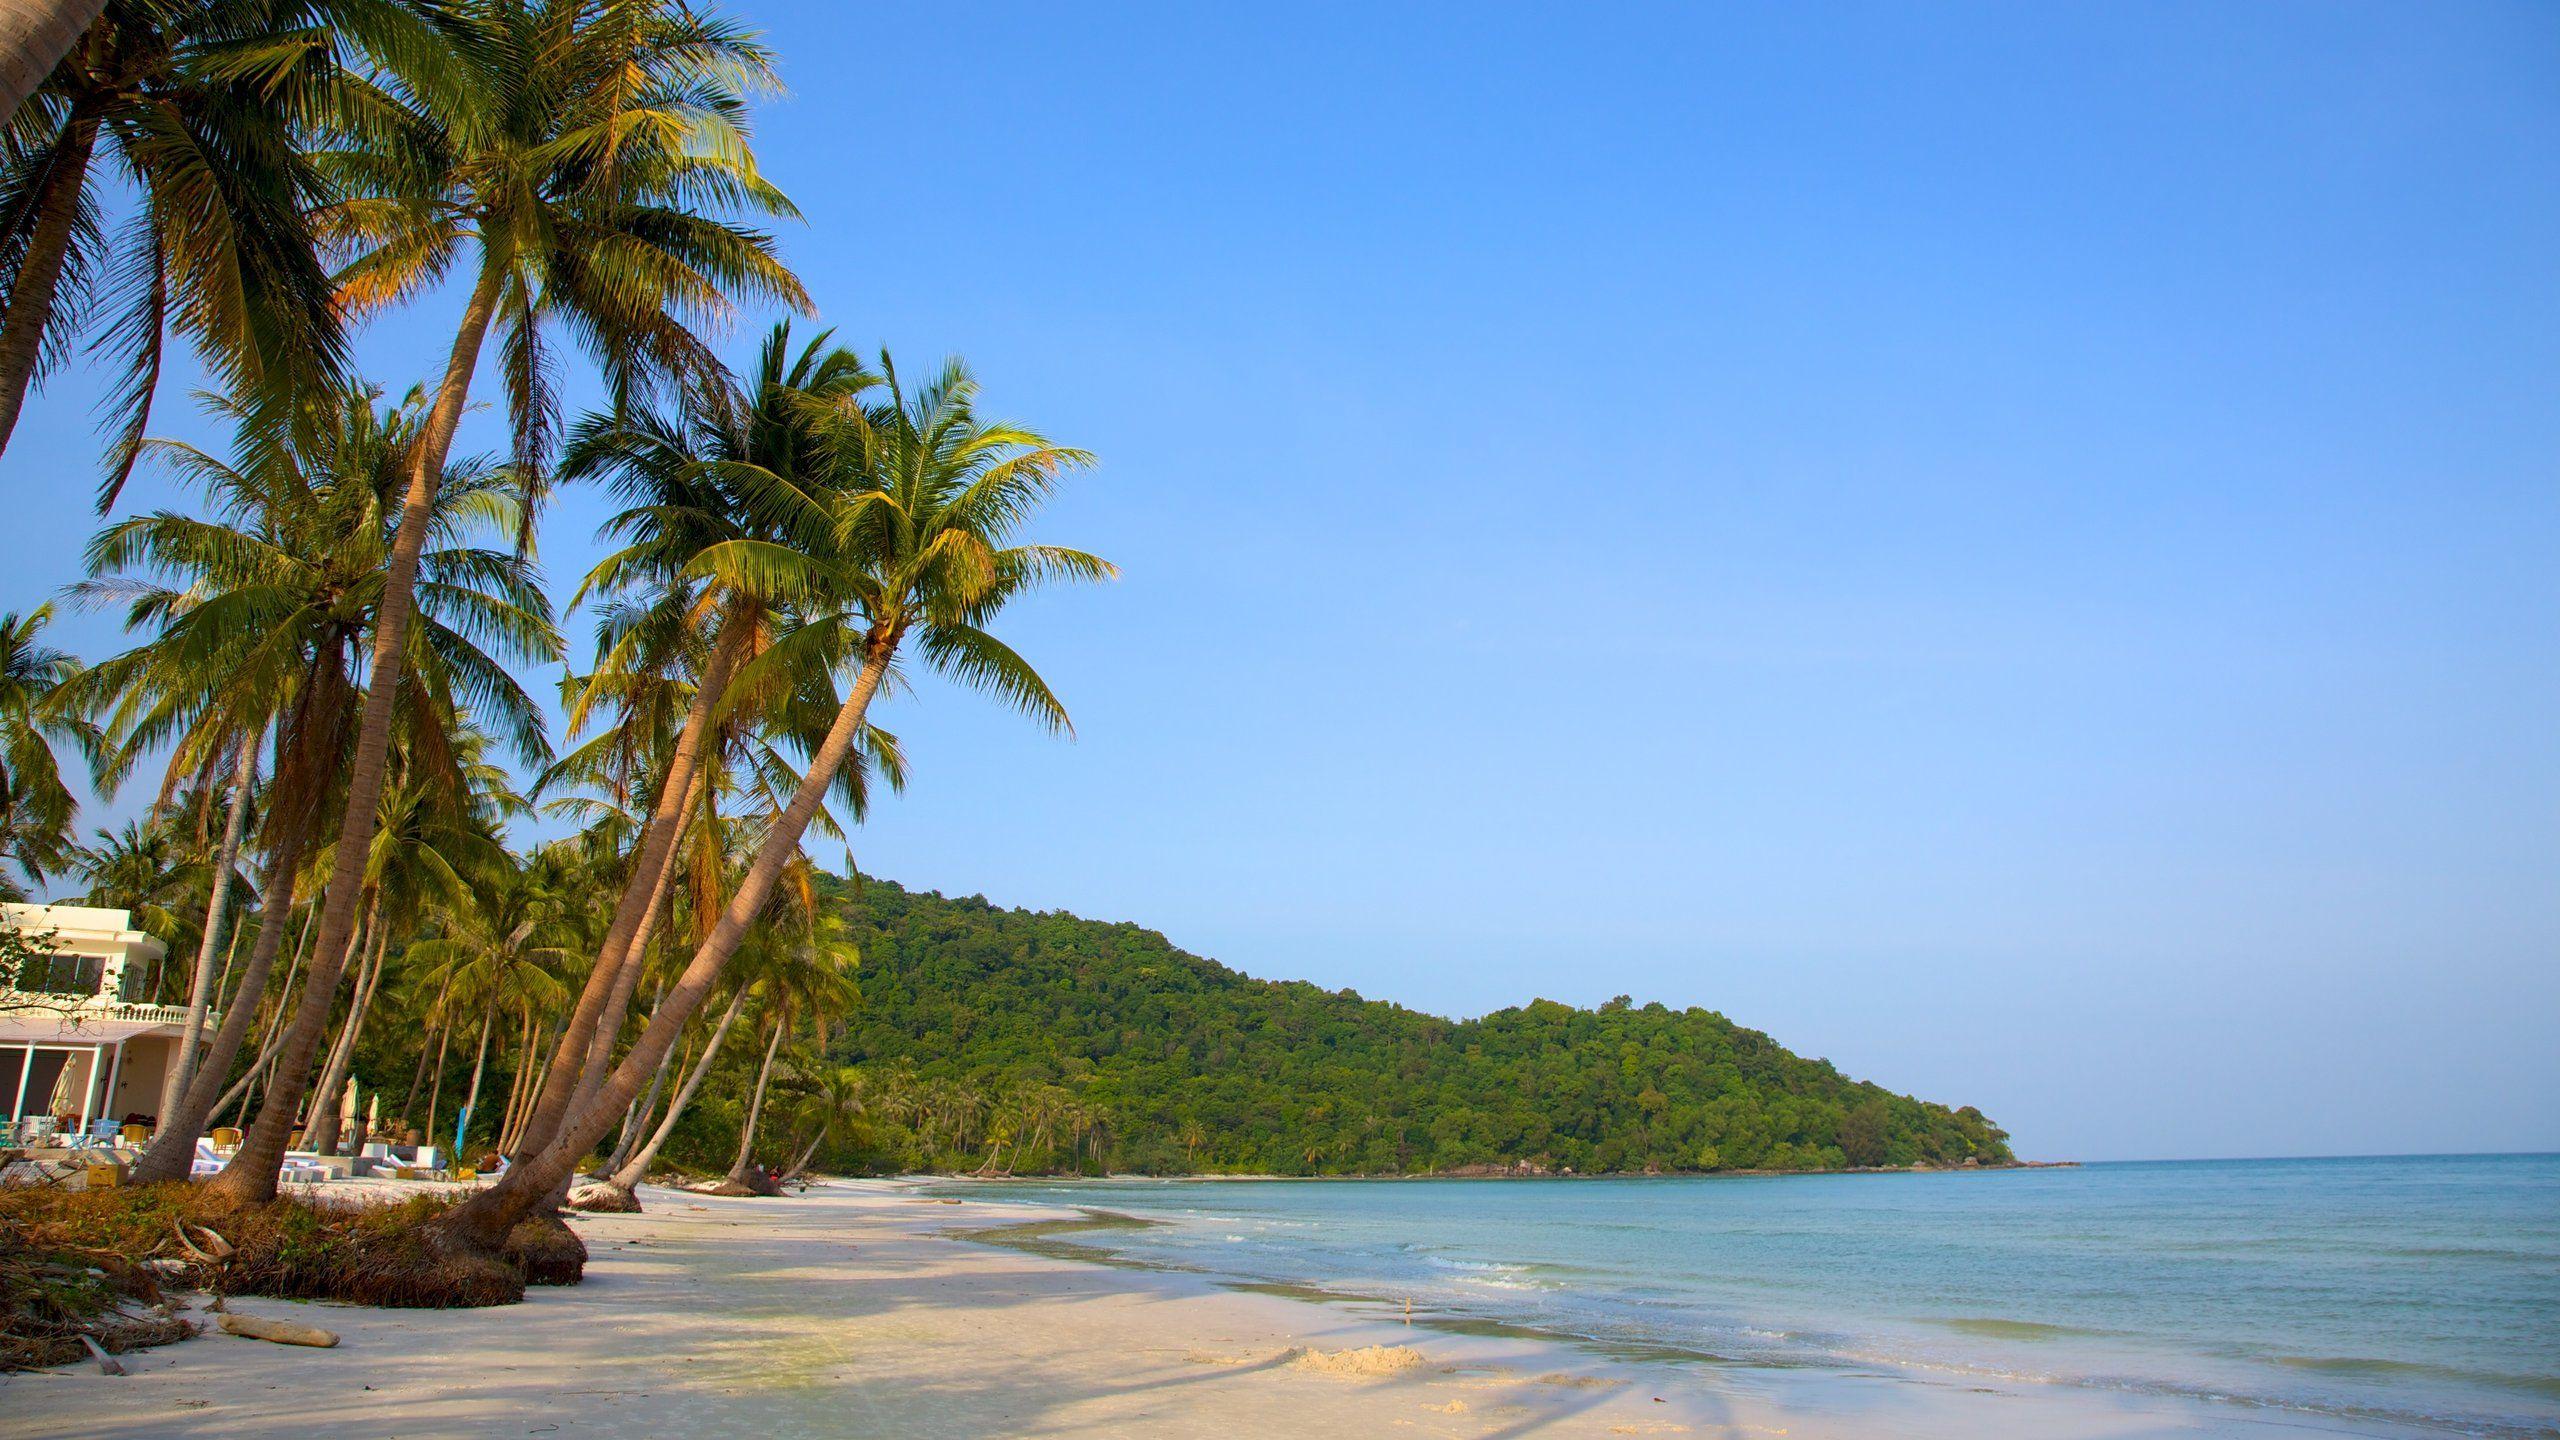 Islas An Thoi